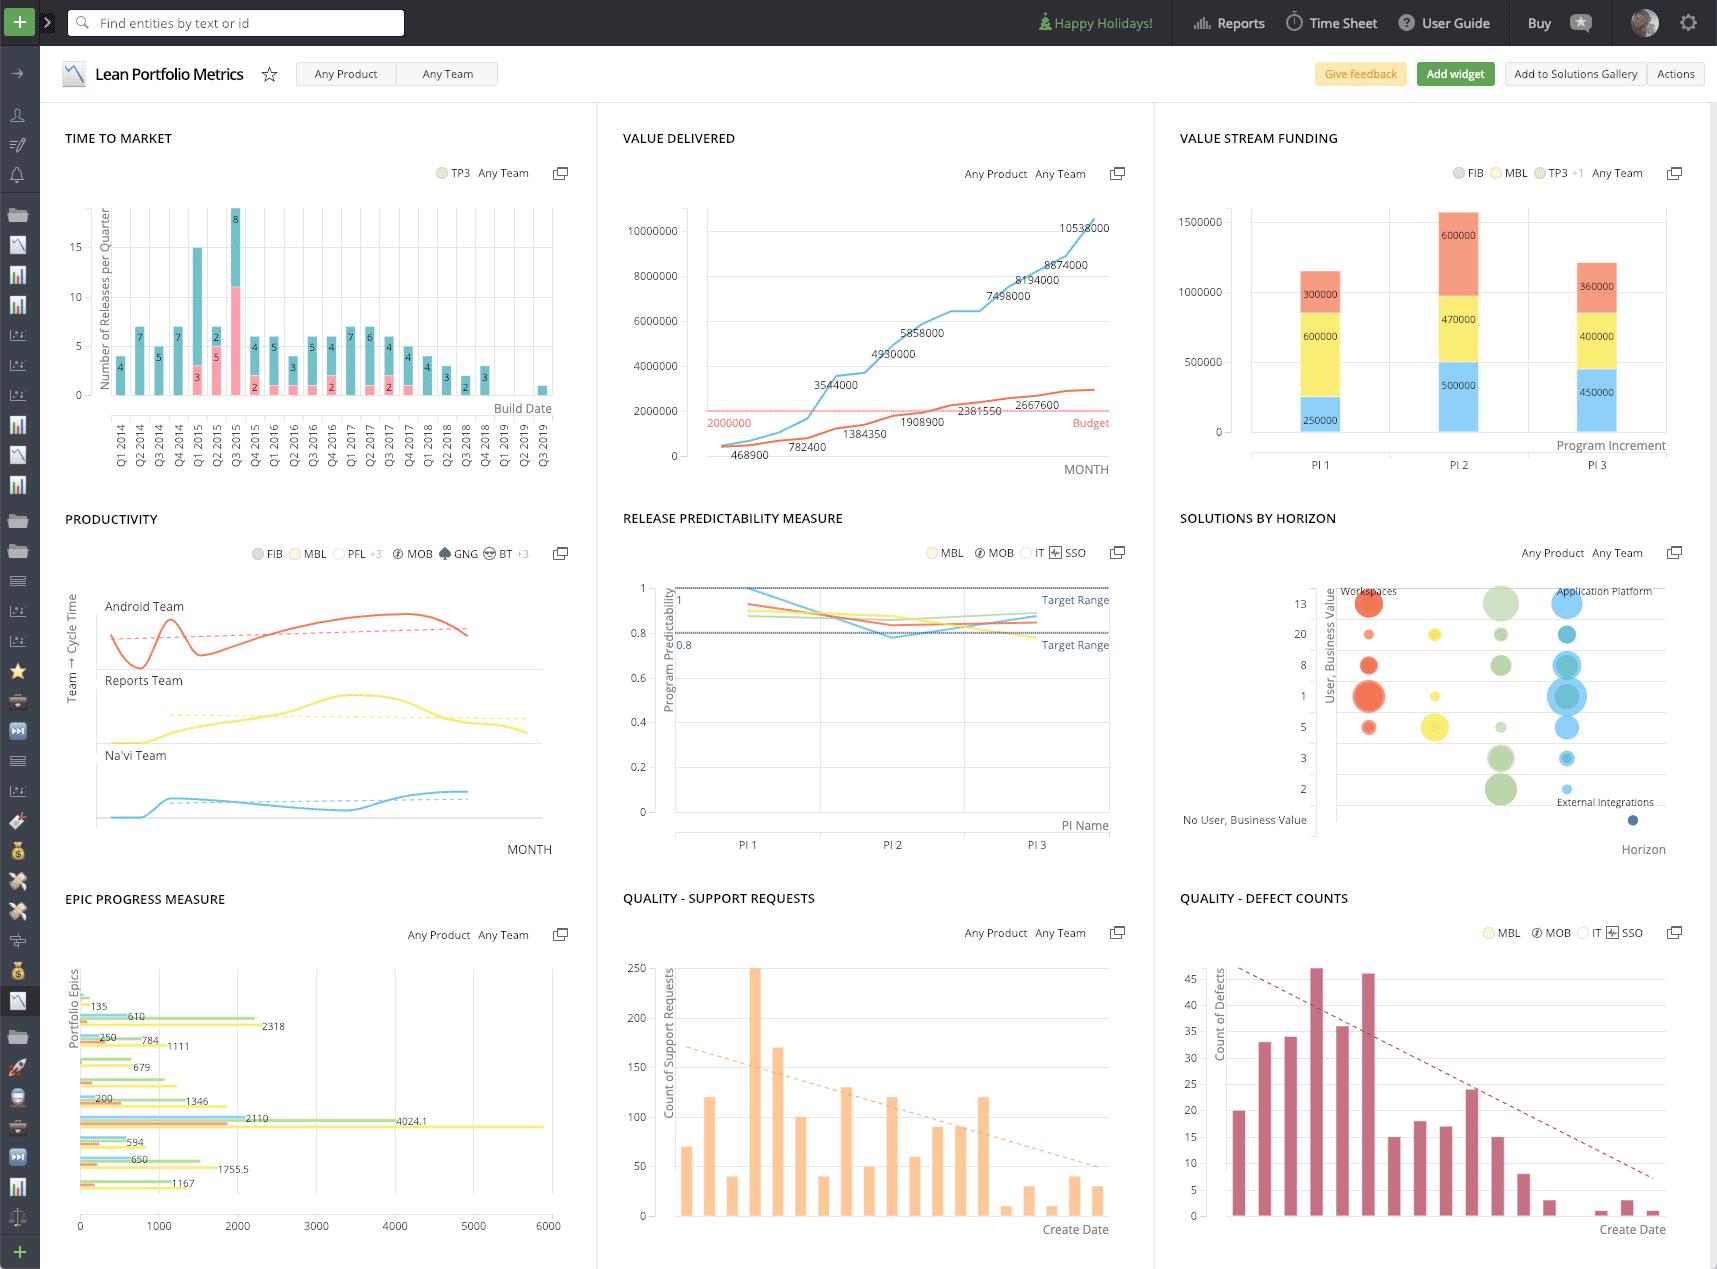 Lean Portfolio Metrics